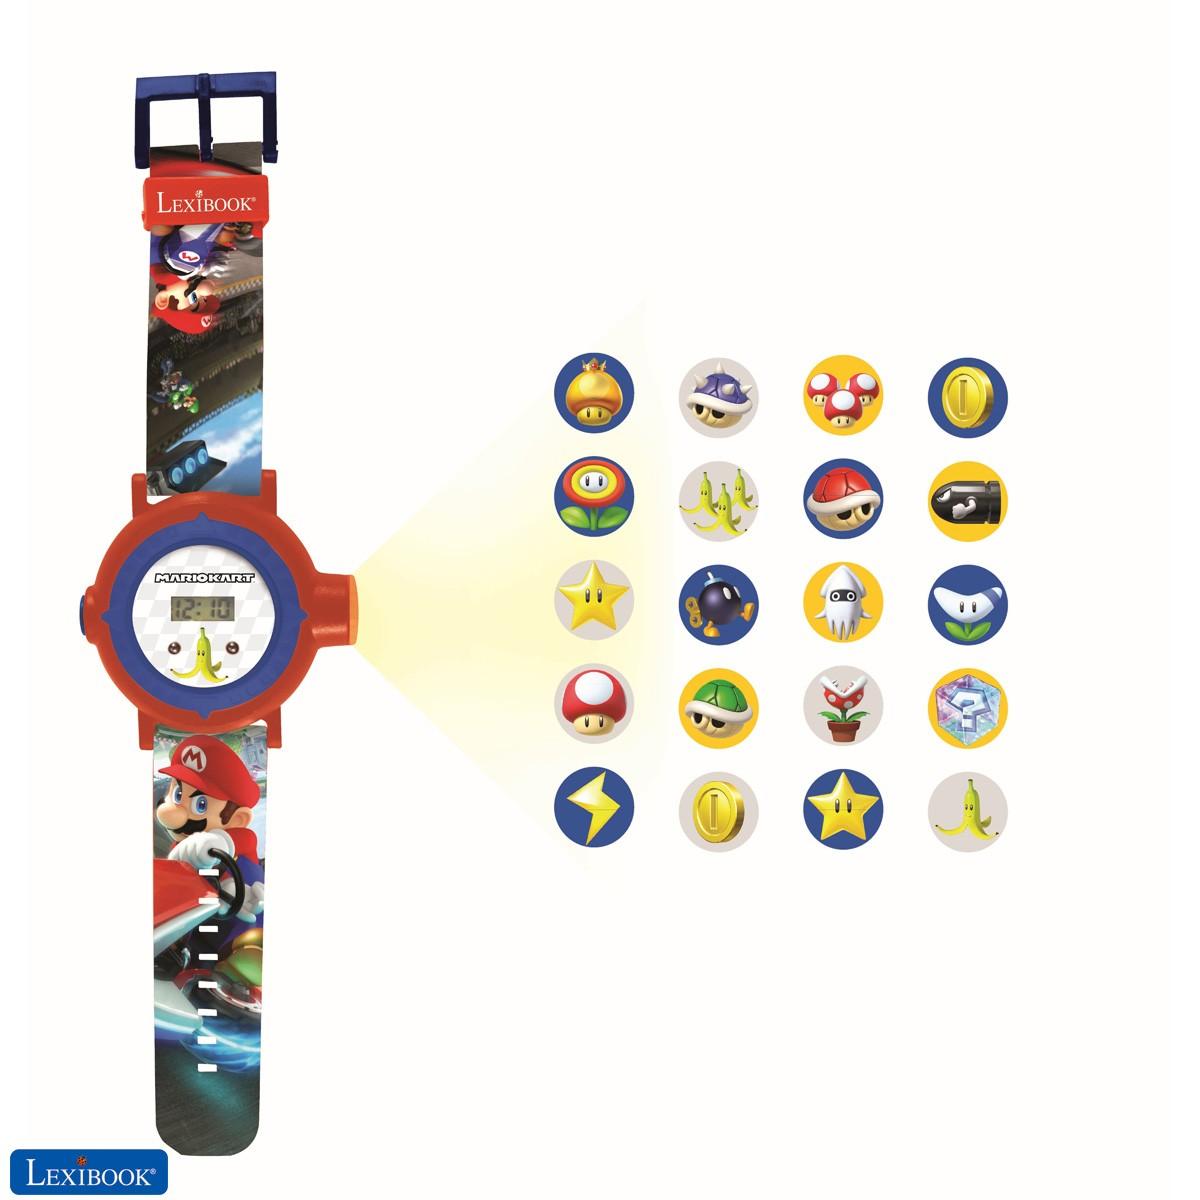 Nintendo Mario Kart Montre bracelet ajustable écran digital avec 20 projections de l'univers Mario Kart